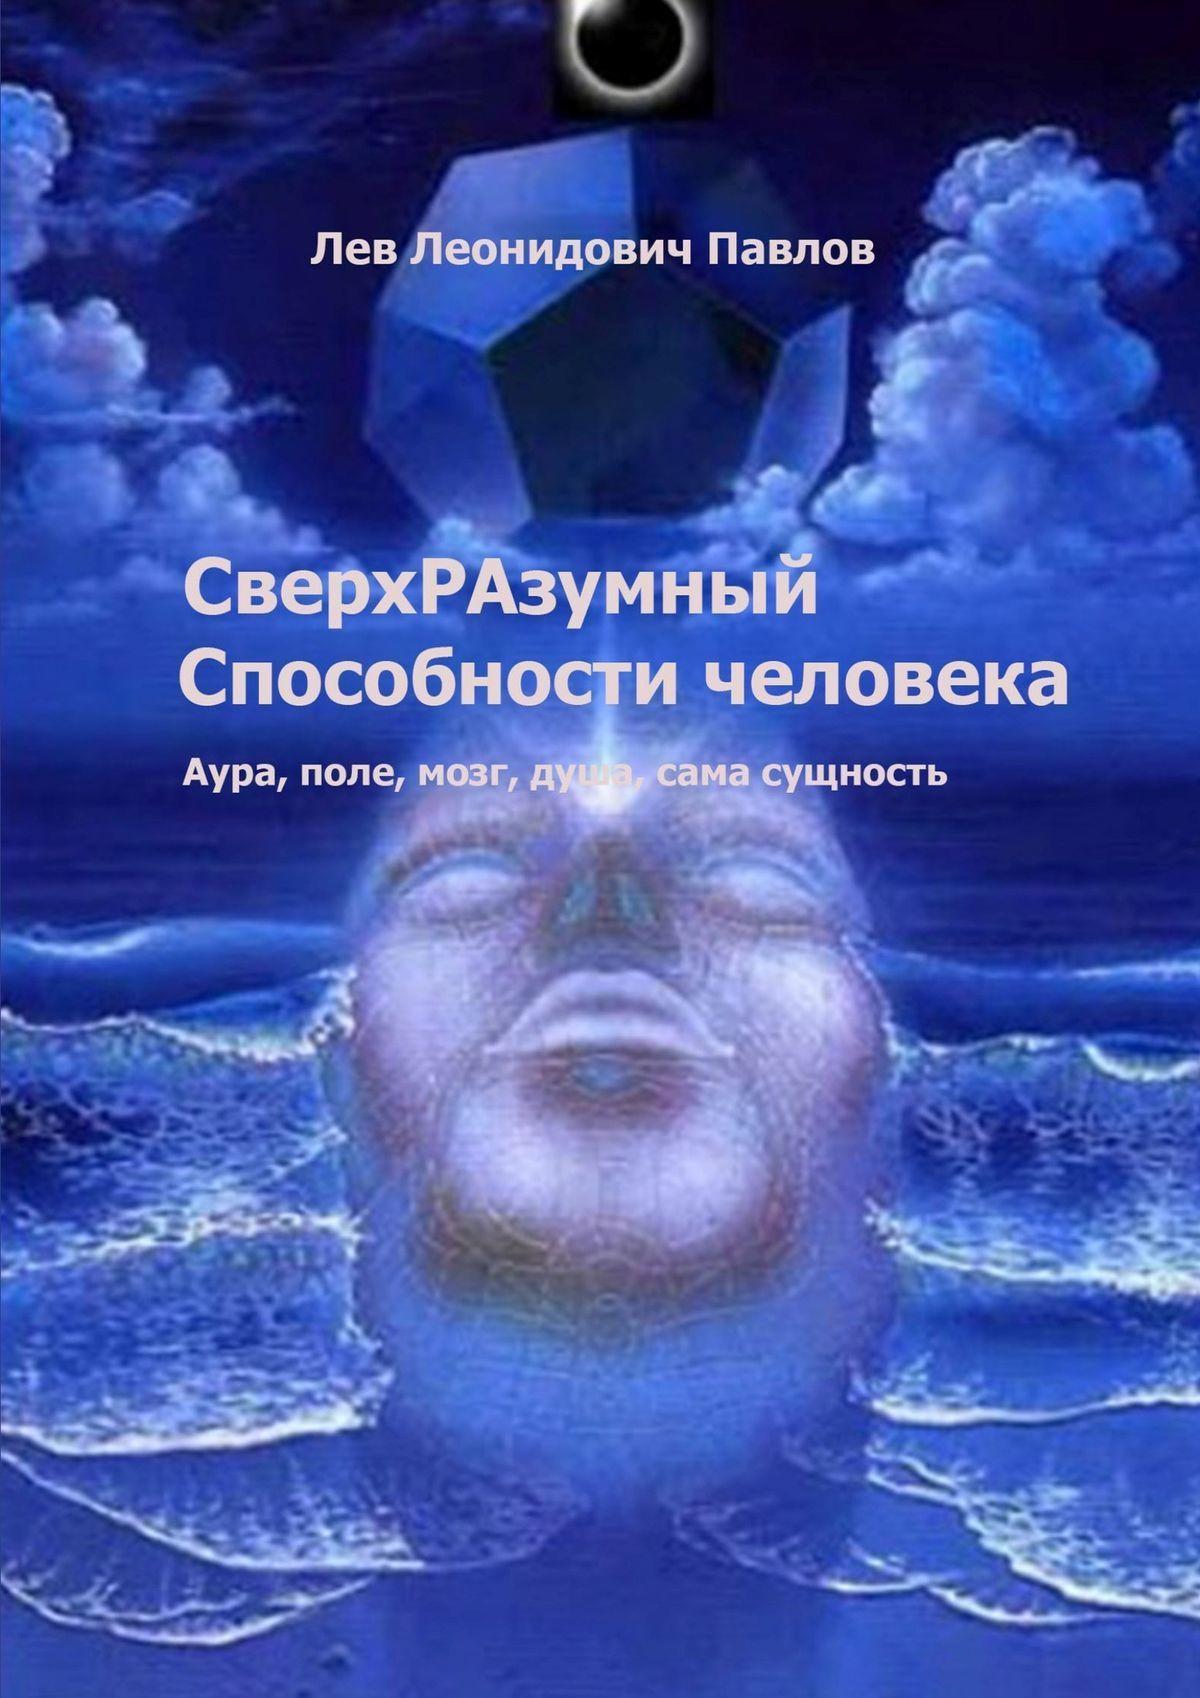 Лев Павлов - СверхРАзумный. Способности человека. Аура, поле, мозг, душа, сама сущность